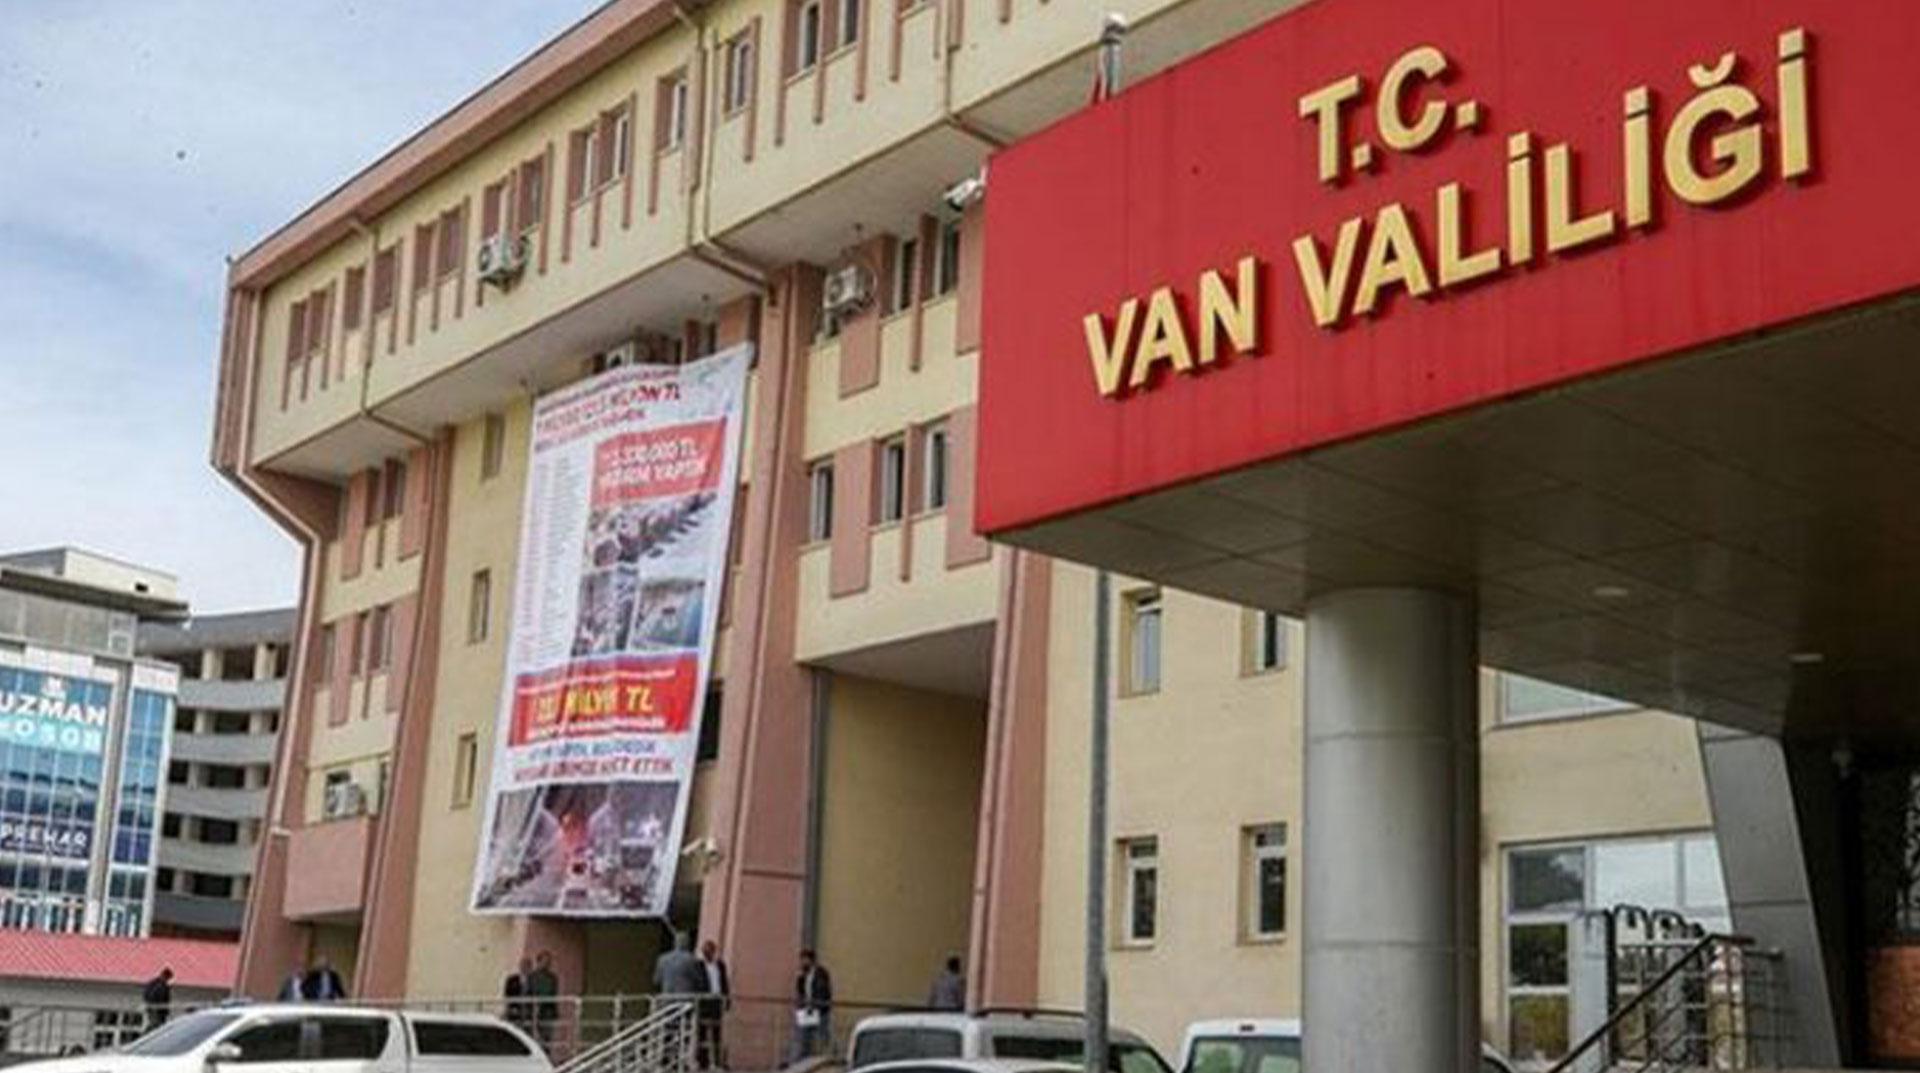 Van'da eylem ve etkinlik yasağı bir kez daha uzatıldı